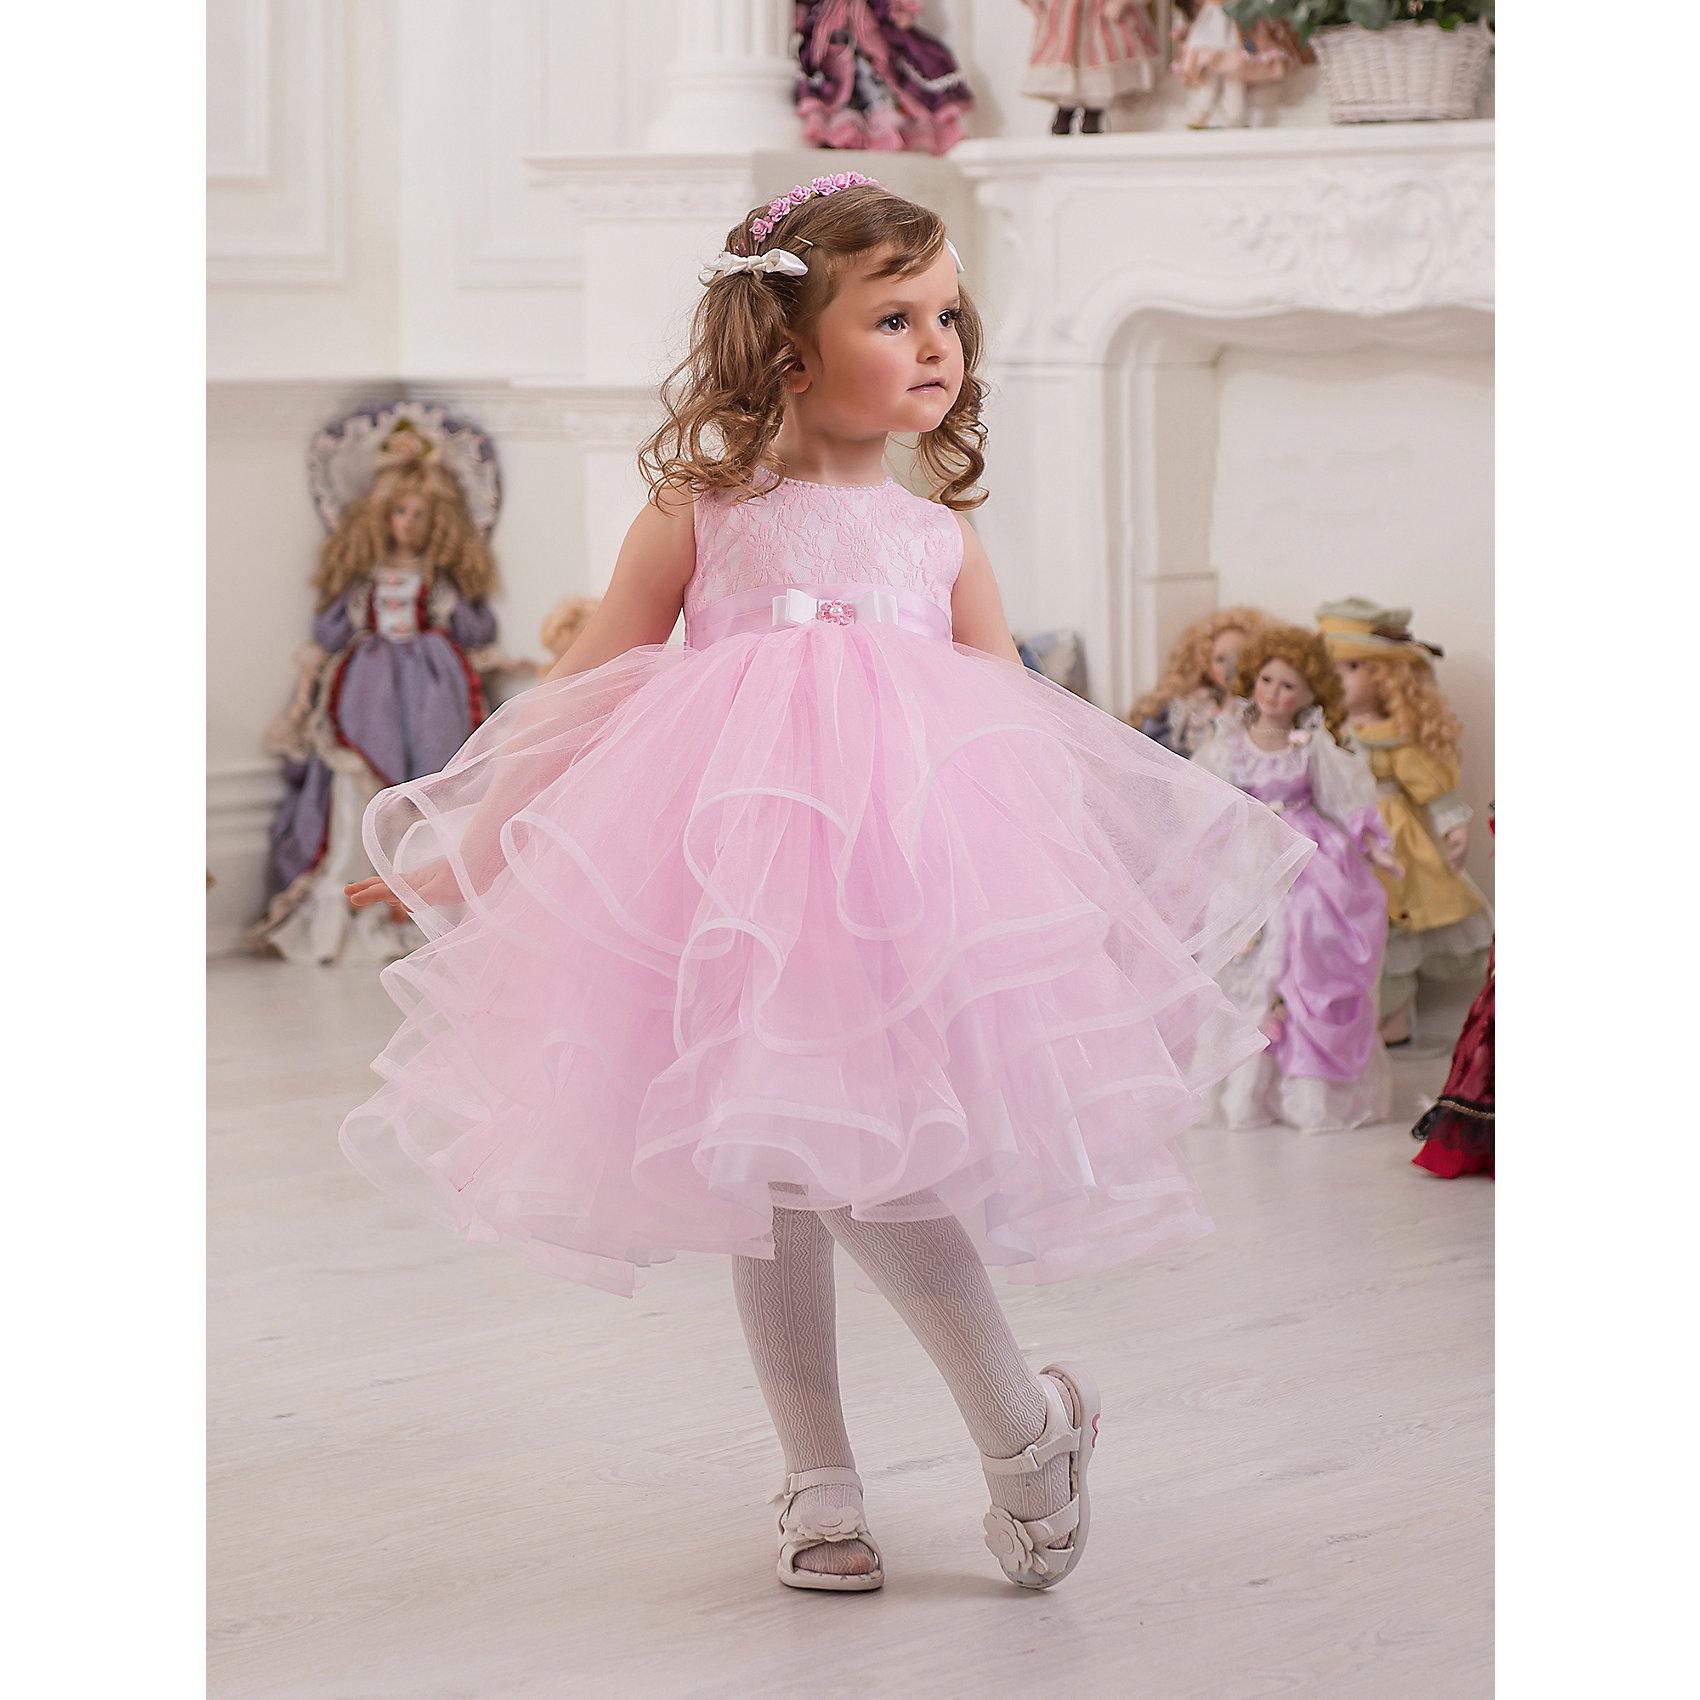 Платье нарядное ПрестижПлатье для девочки Престиж.<br><br>Характеристики:<br><br>• пышный силуэт<br>• без рукавов<br>• состав: 100% полиэстер<br>• цвет: светло-розовый<br><br>Платье для девочки Престиж - пышное и короткое. Пышная юбка и лиф, украшенный вышивкой, дополнены красивым поясом. Это платье создано специально для маленьких принцесс!<br><br>Платье регулируется шнуровкой сзади, от талии до верха спинки. Шнуровка в комплекте.<br>Платье подходит для занятий бальными танцами.<br><br>Платье для девочки Престиж вы можете купить в нашем интернет-магазине.<br><br>Ширина мм: 236<br>Глубина мм: 16<br>Высота мм: 184<br>Вес г: 177<br>Цвет: светло-розовый<br>Возраст от месяцев: 48<br>Возраст до месяцев: 60<br>Пол: Женский<br>Возраст: Детский<br>Размер: 110,116,104<br>SKU: 5158413